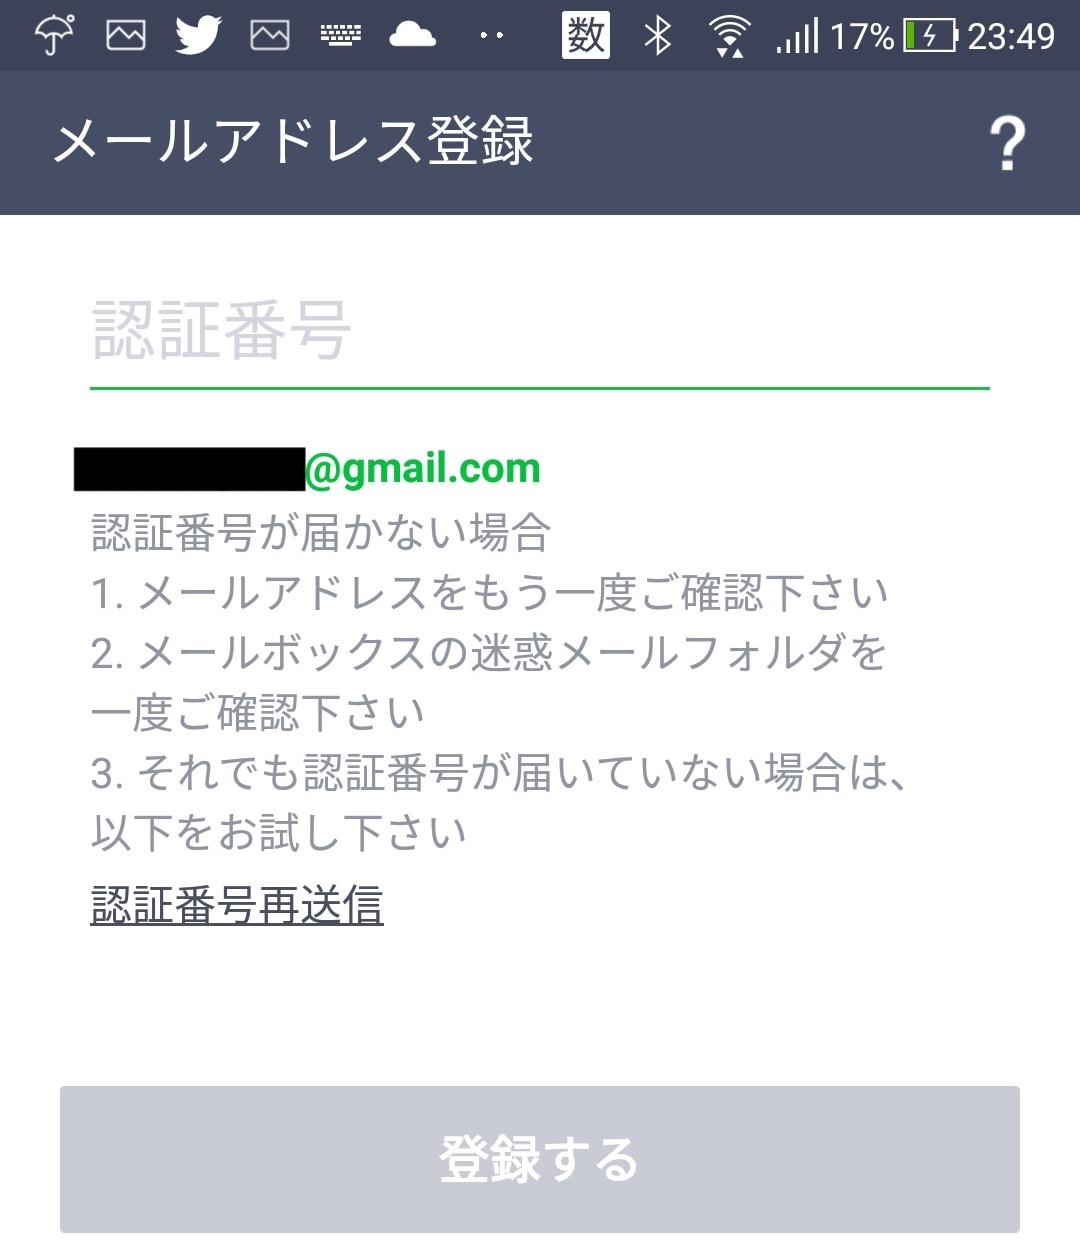 暗証番号がメールアドレス宛に送信される